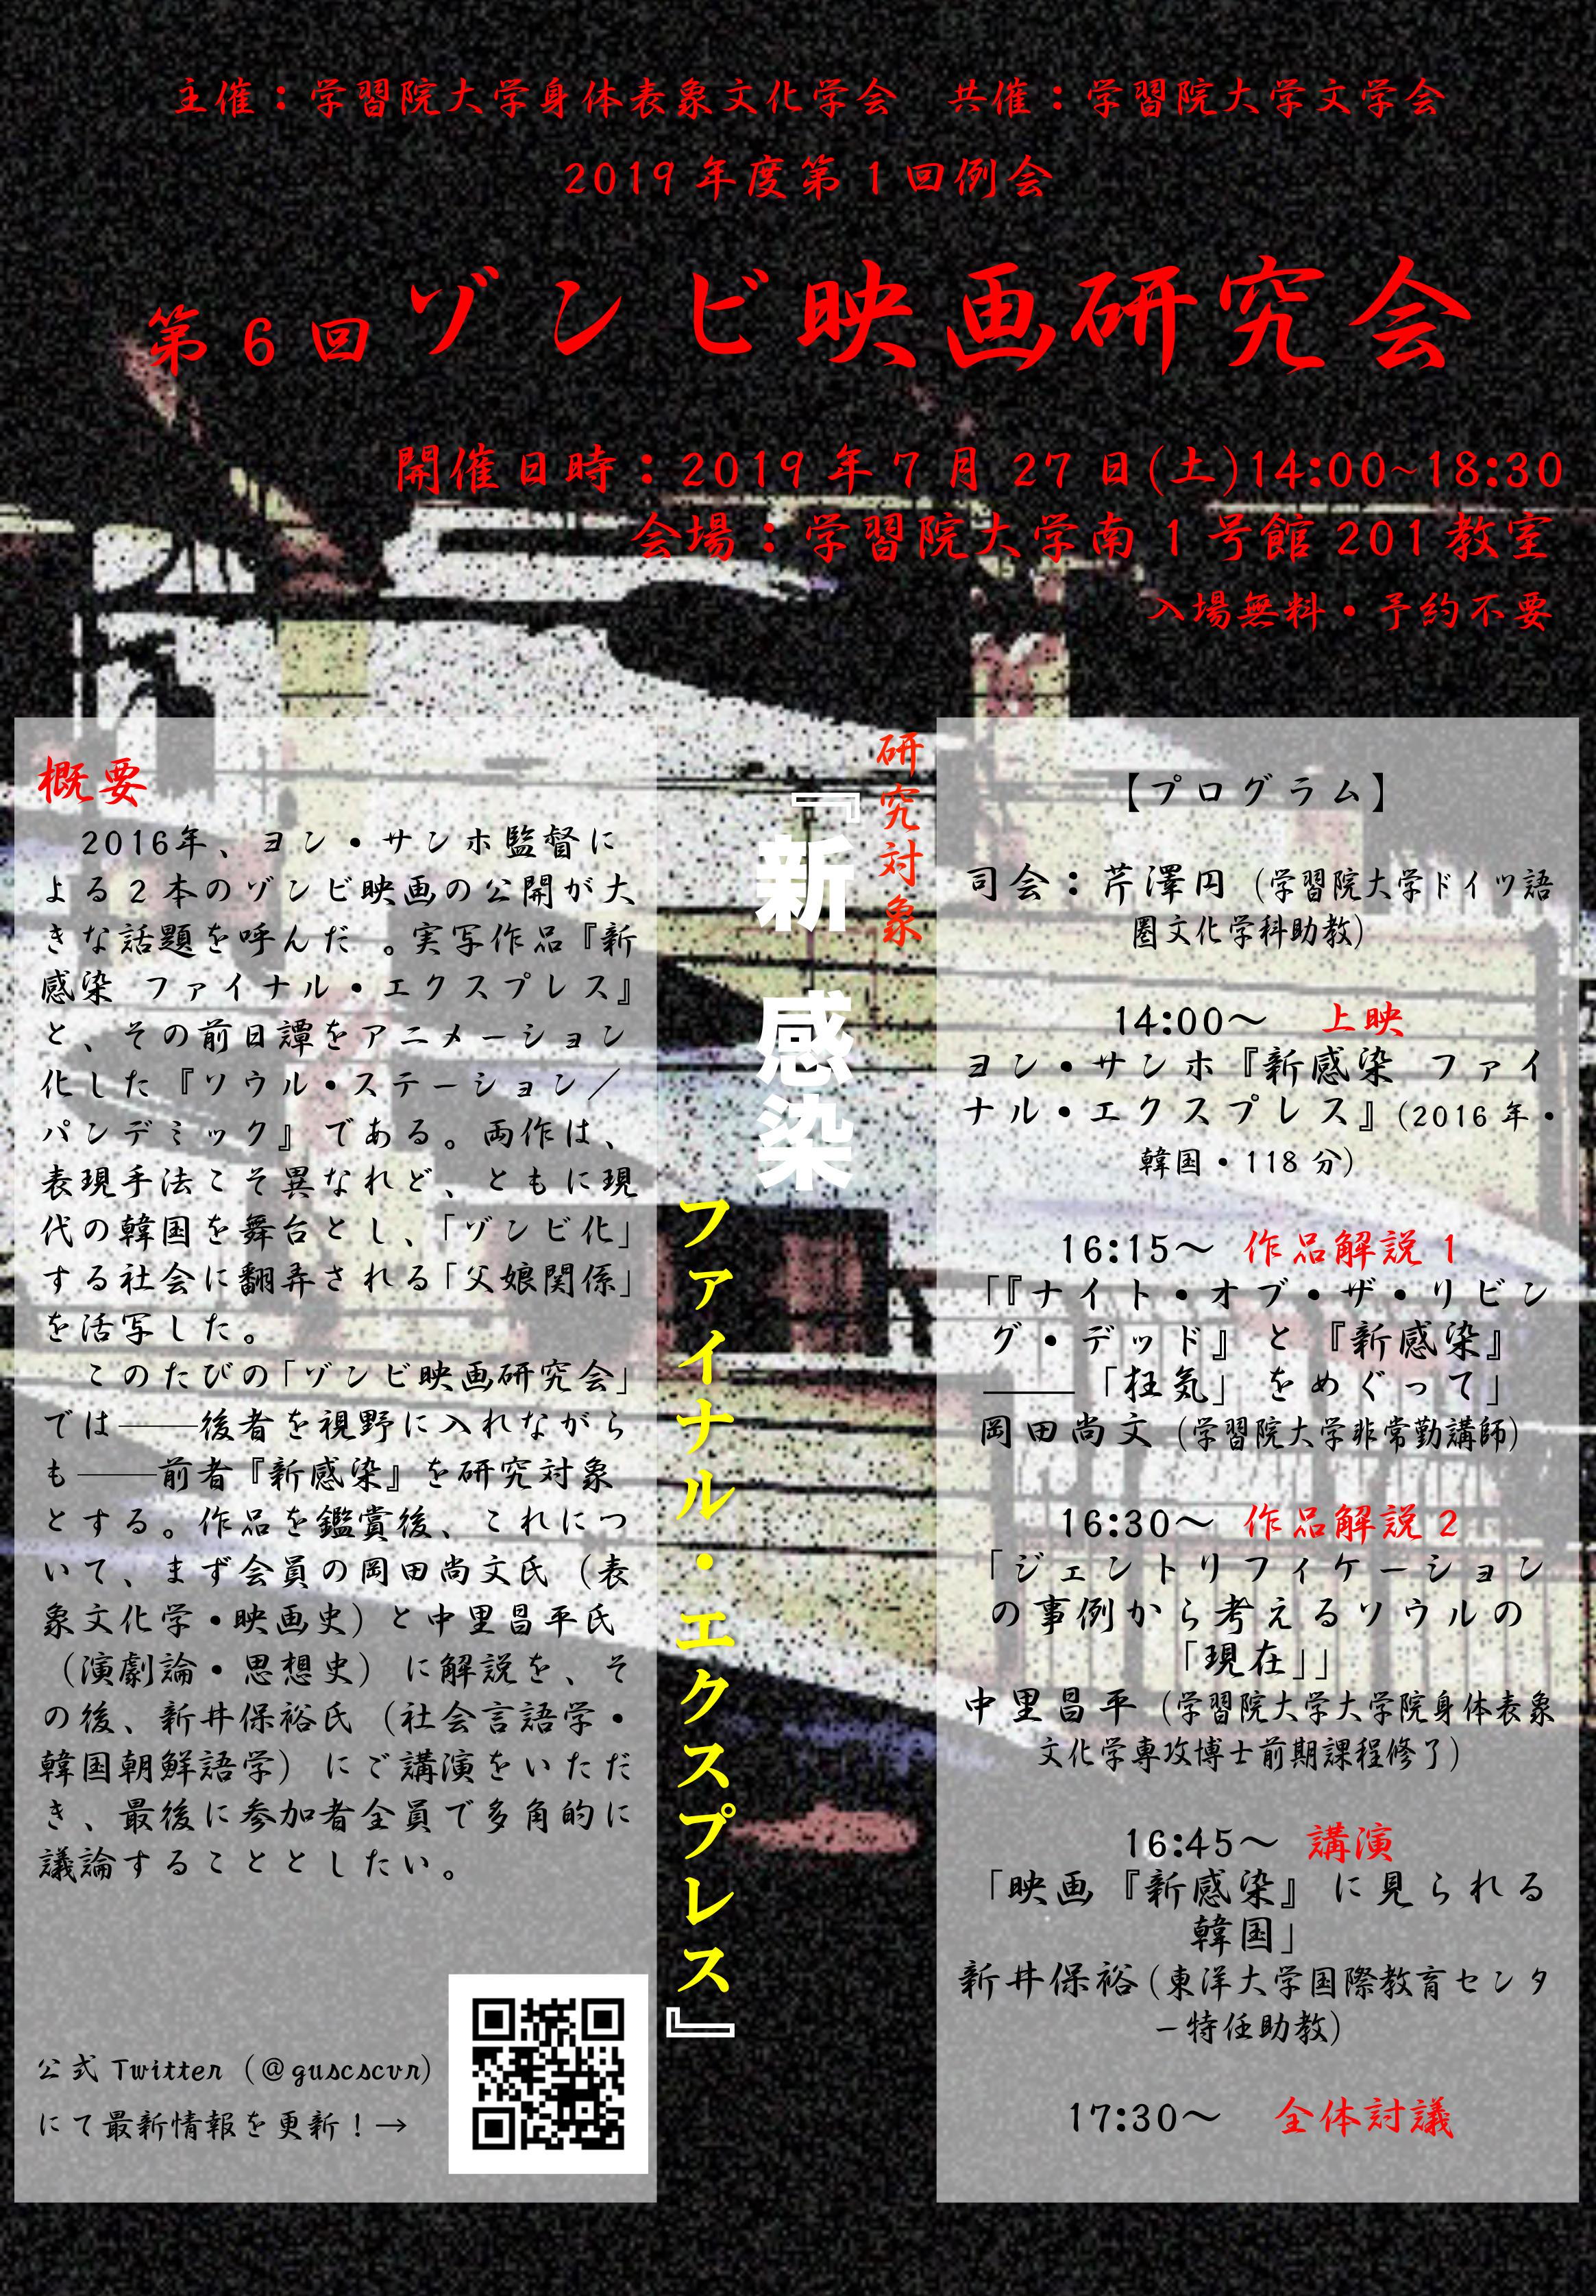 学習院大学身体表象文化学会が7月27日(土)に第6回ゾンビ映画研究会を開催